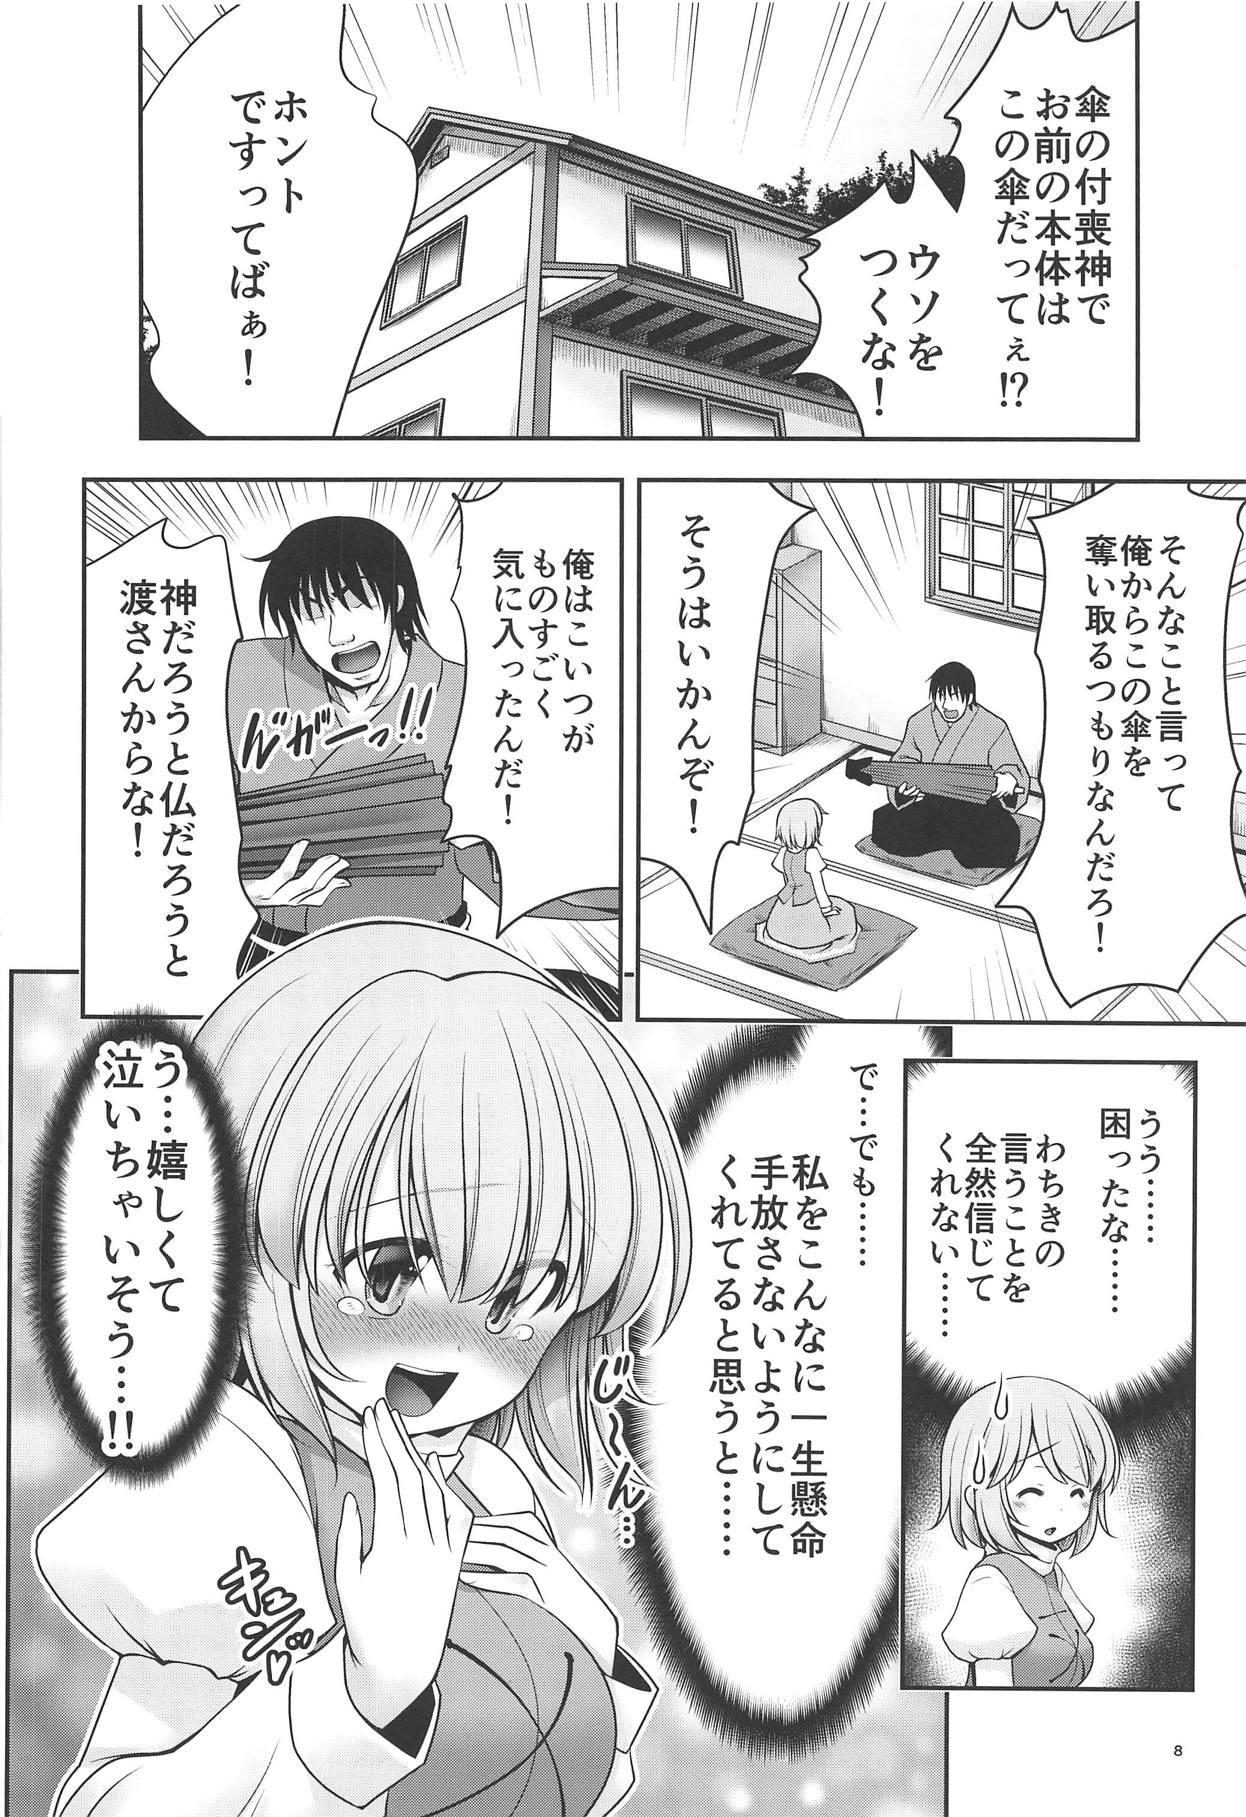 Kasa no Oteire 6